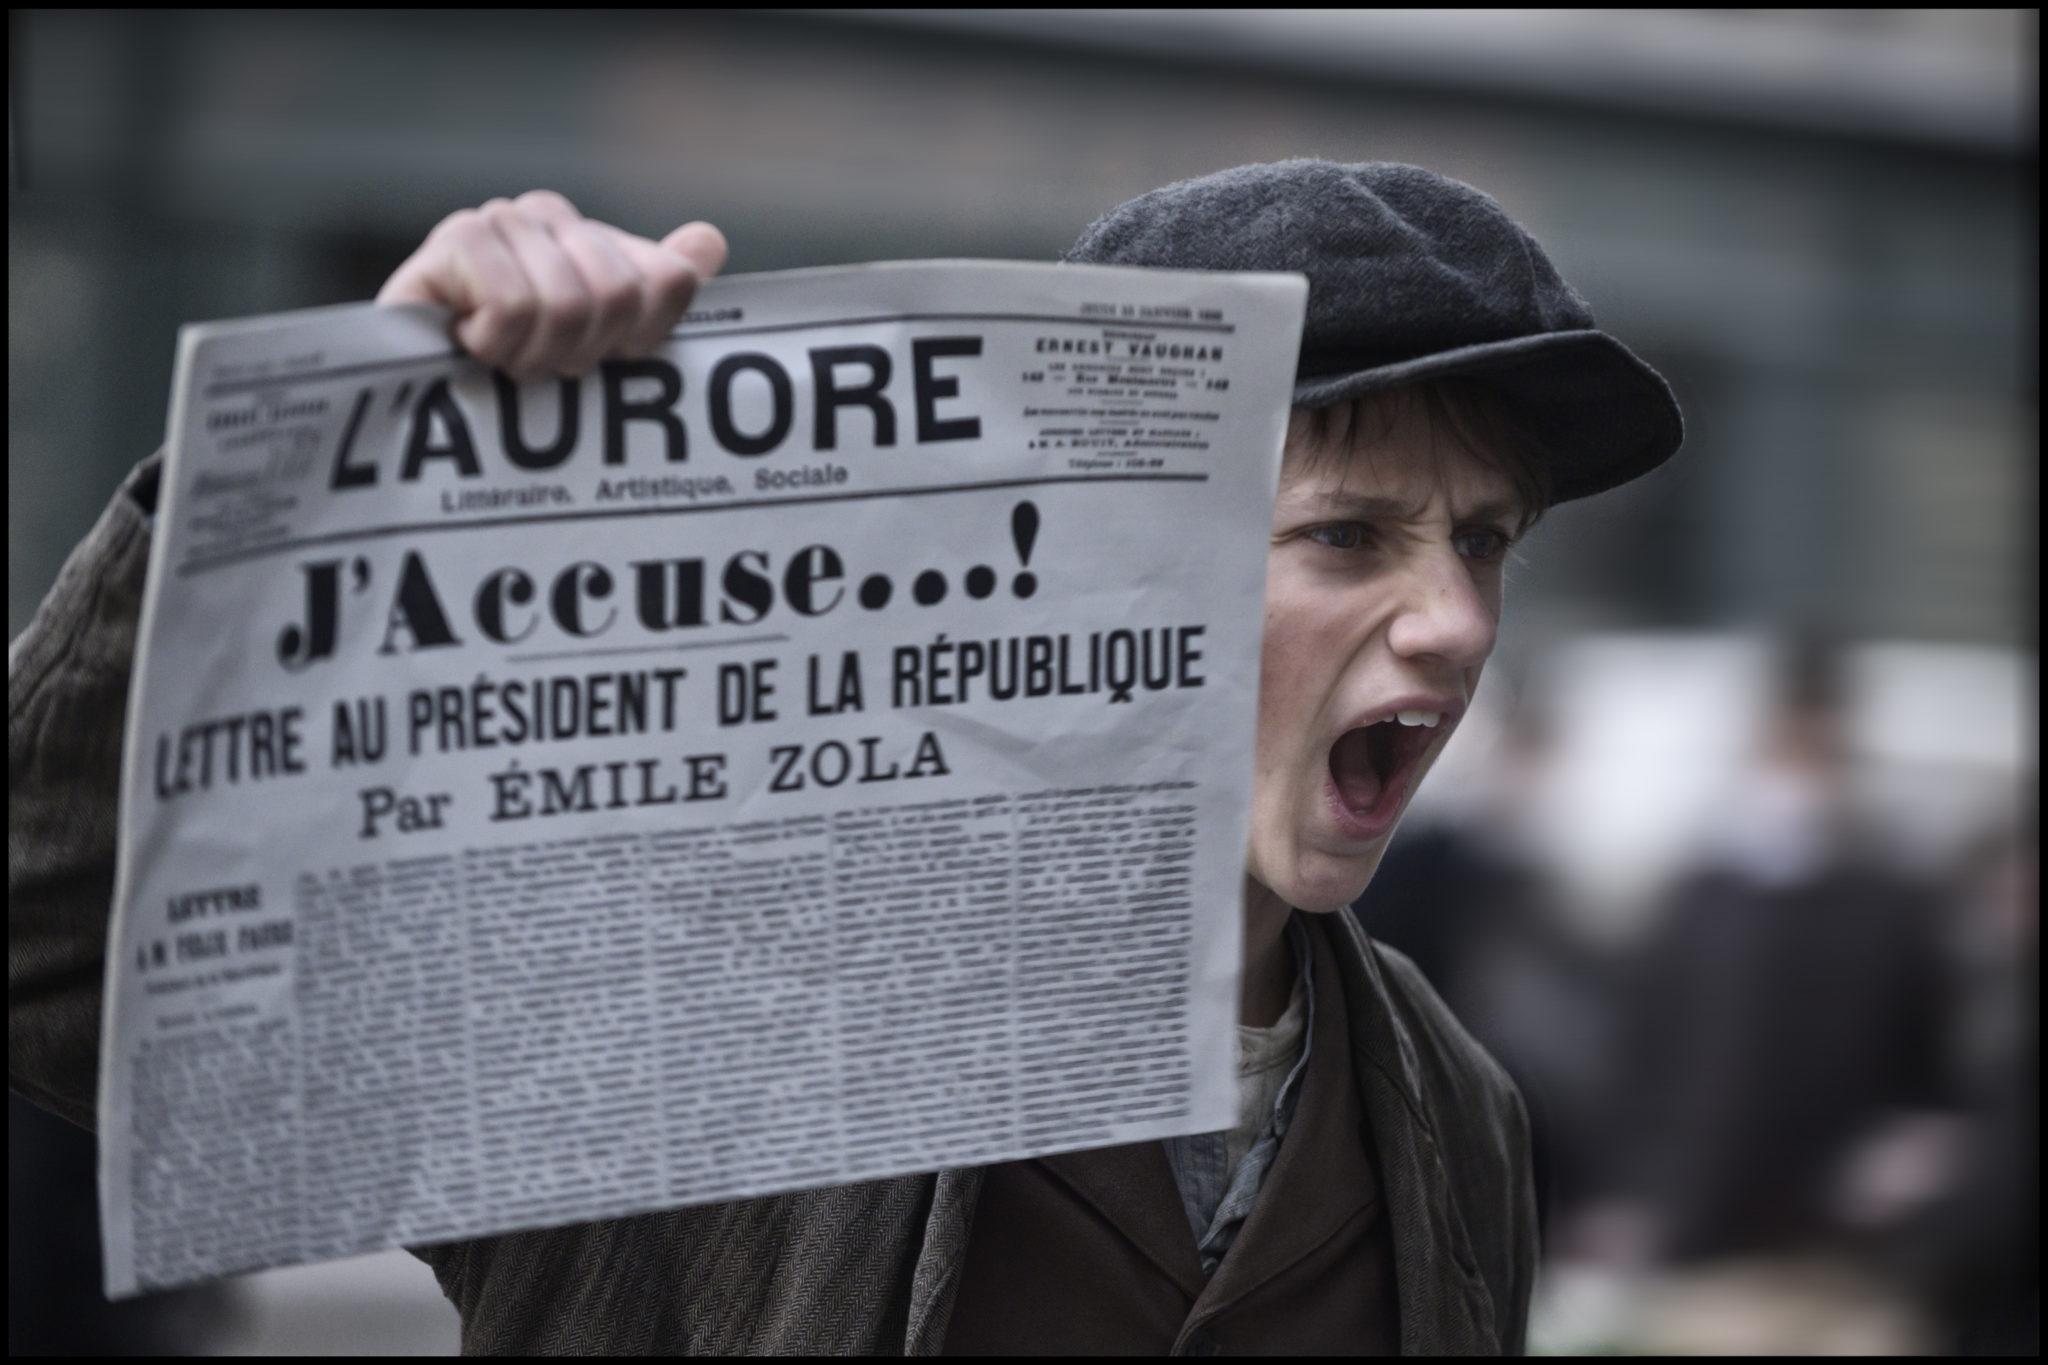 """Ein Junge hält in Intrige die Zeitung L'Aurore hoch, in der der Journalist Émile Zola seine Anklageschrift """"J'accuse"""" veröffentlicht hat."""